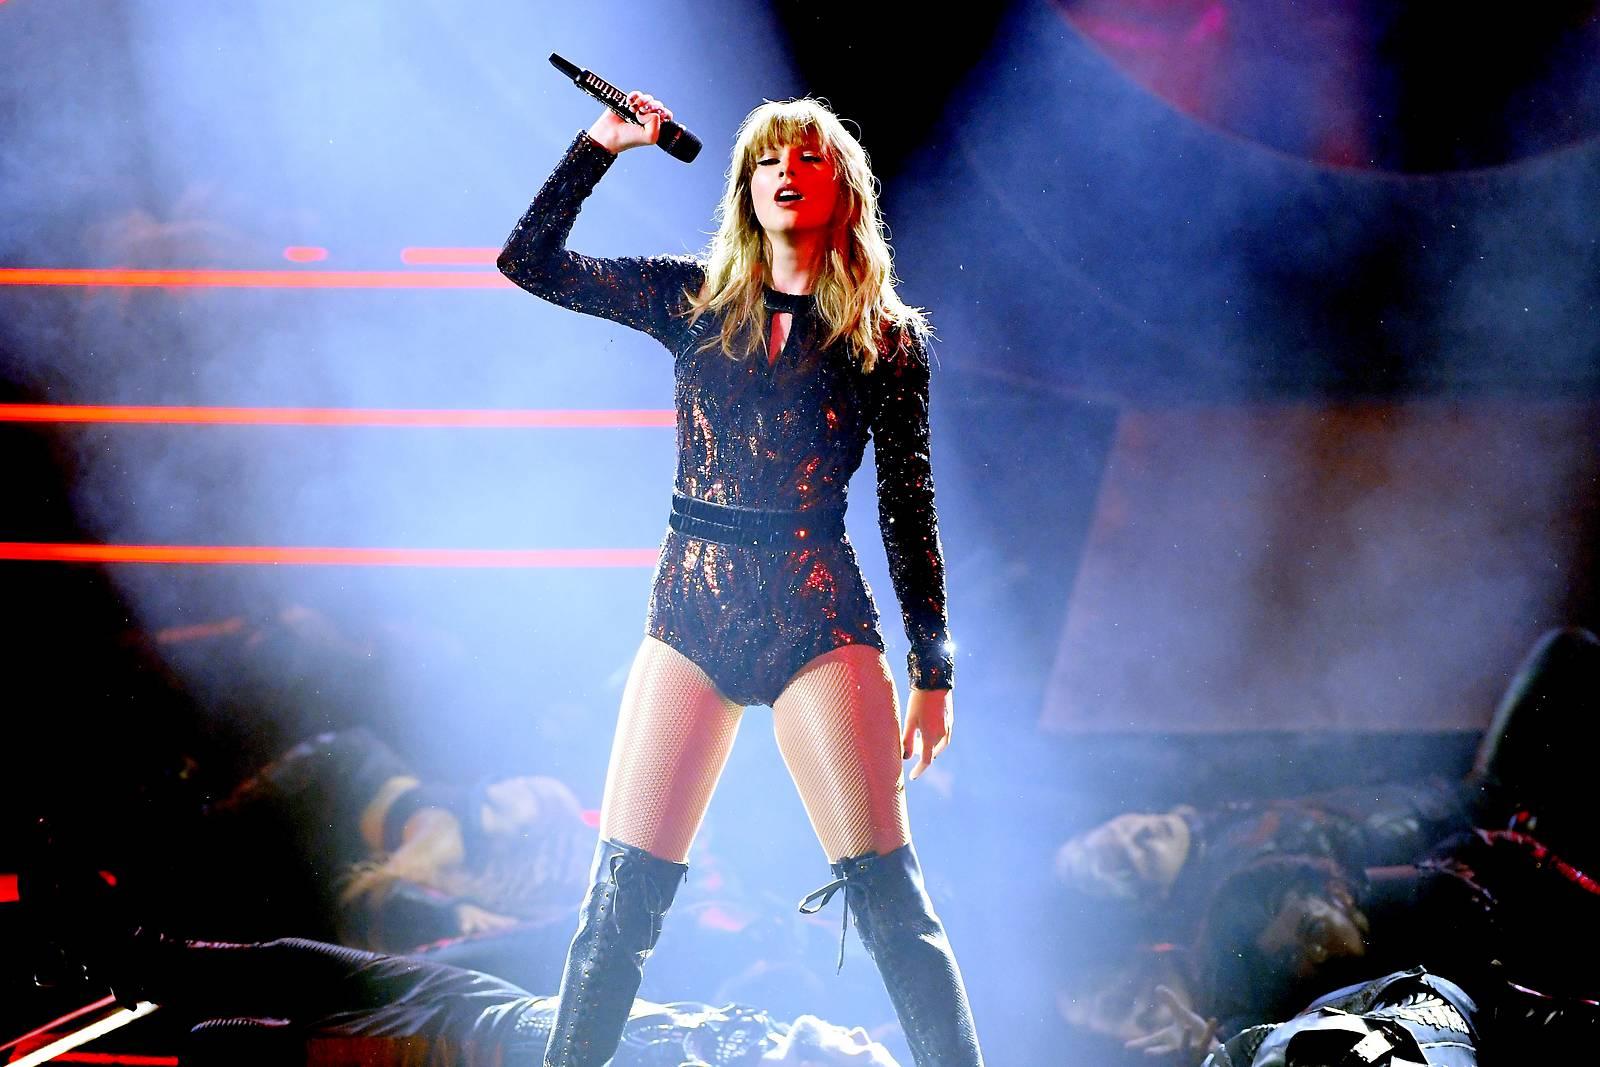 Swift sucht bei Konzert mit Gesichtserkennung nach Stalkern